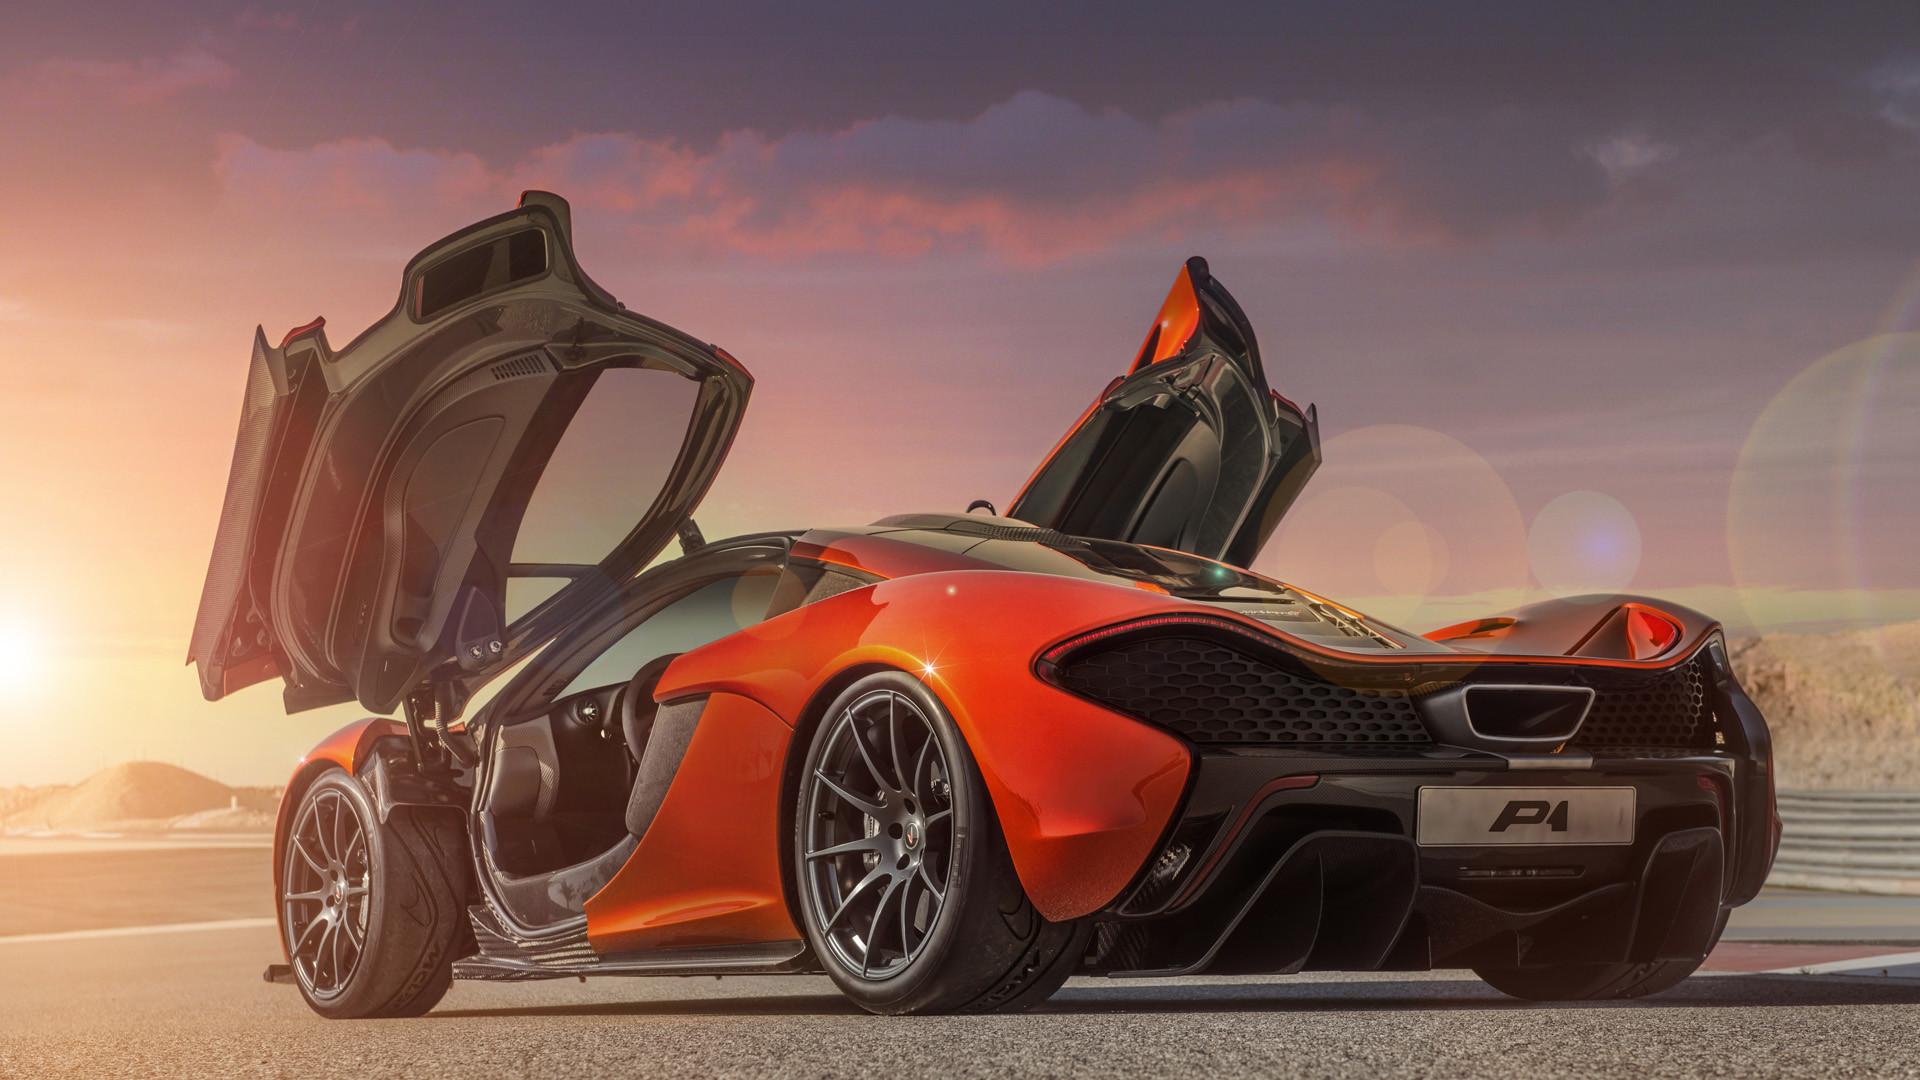 Res: 1920x1080, McLarenP1-orange-door-open-HD-Wallpaper004